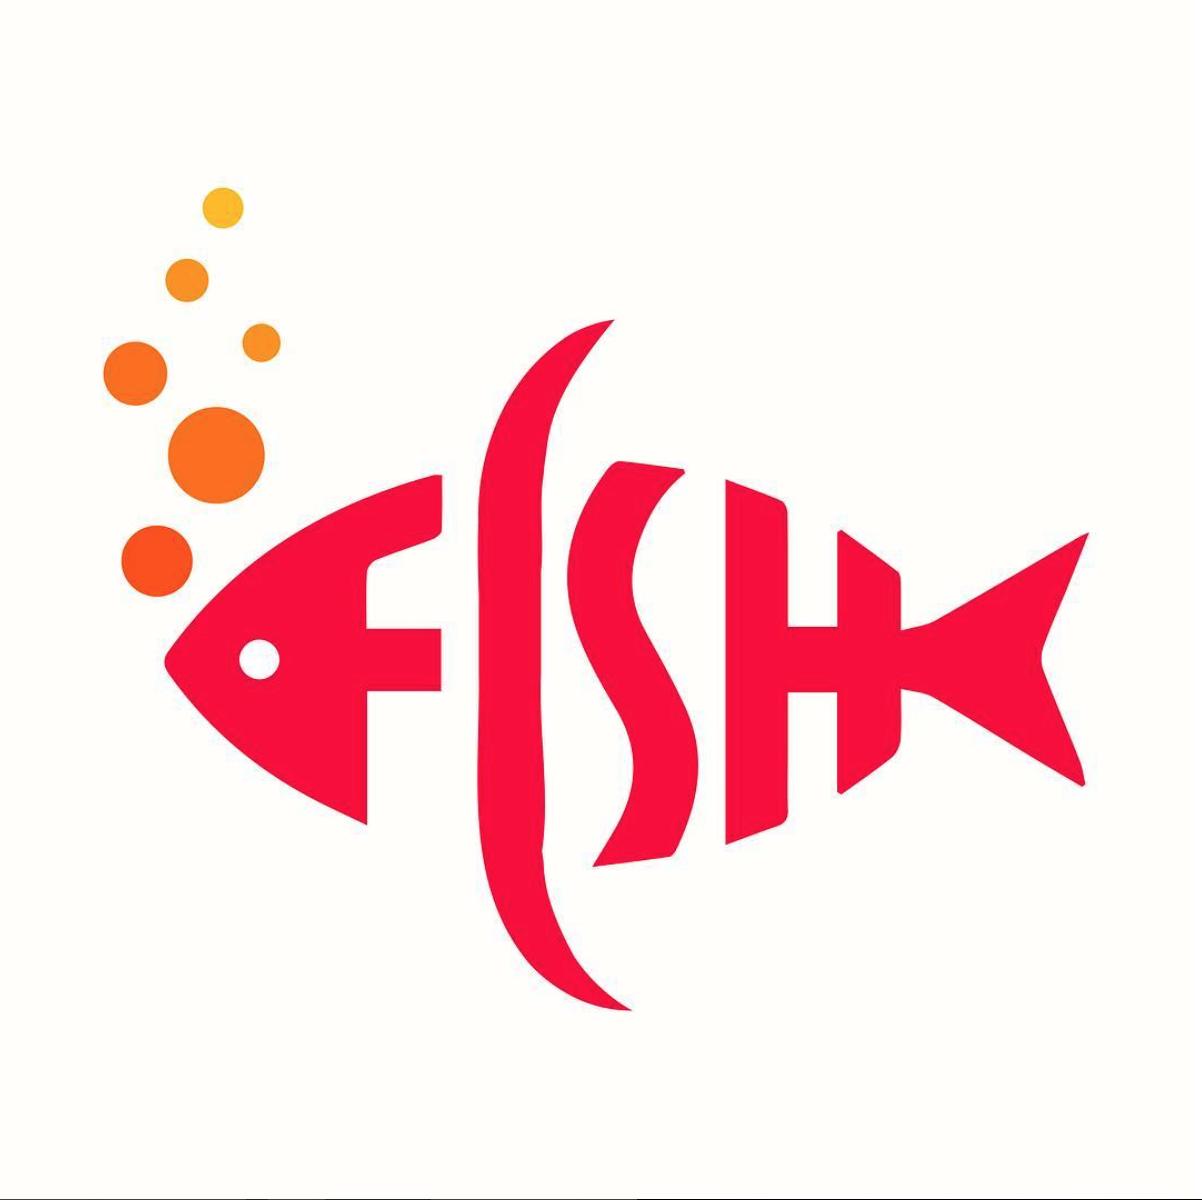 FISH . . #fish #redfish #logo #logos #fishlogo #fishlogos.